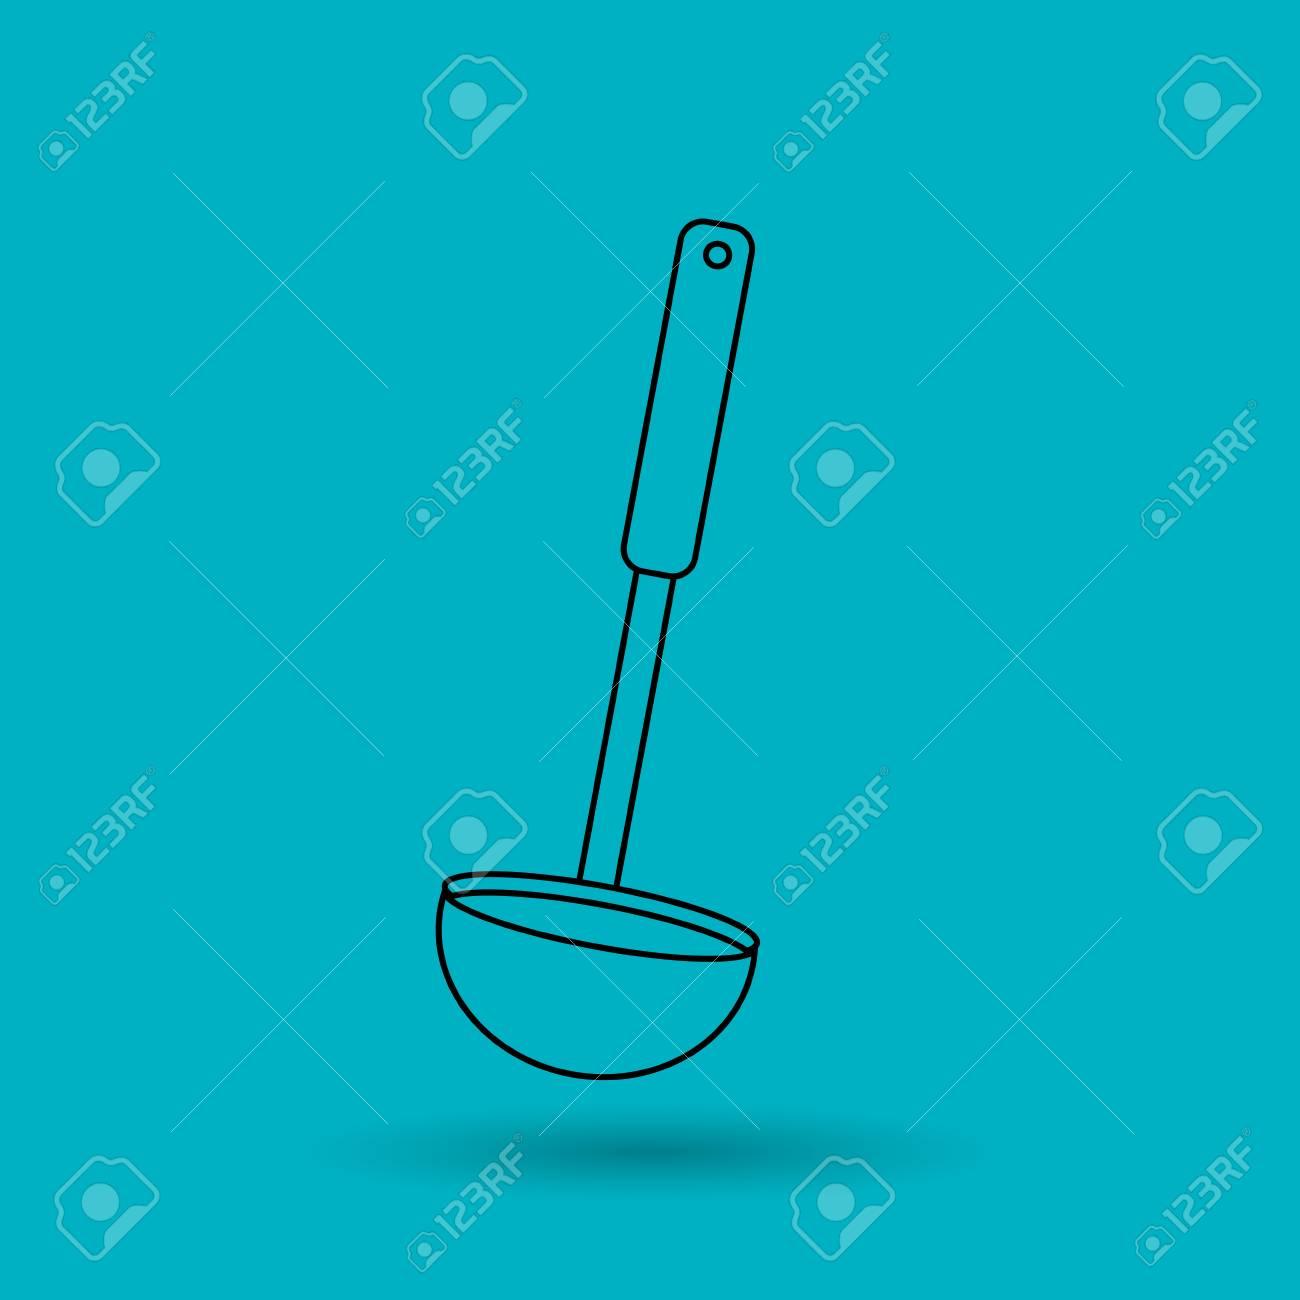 Diseño de utensilios de cocina, ilustración vectorial gráfico eps10